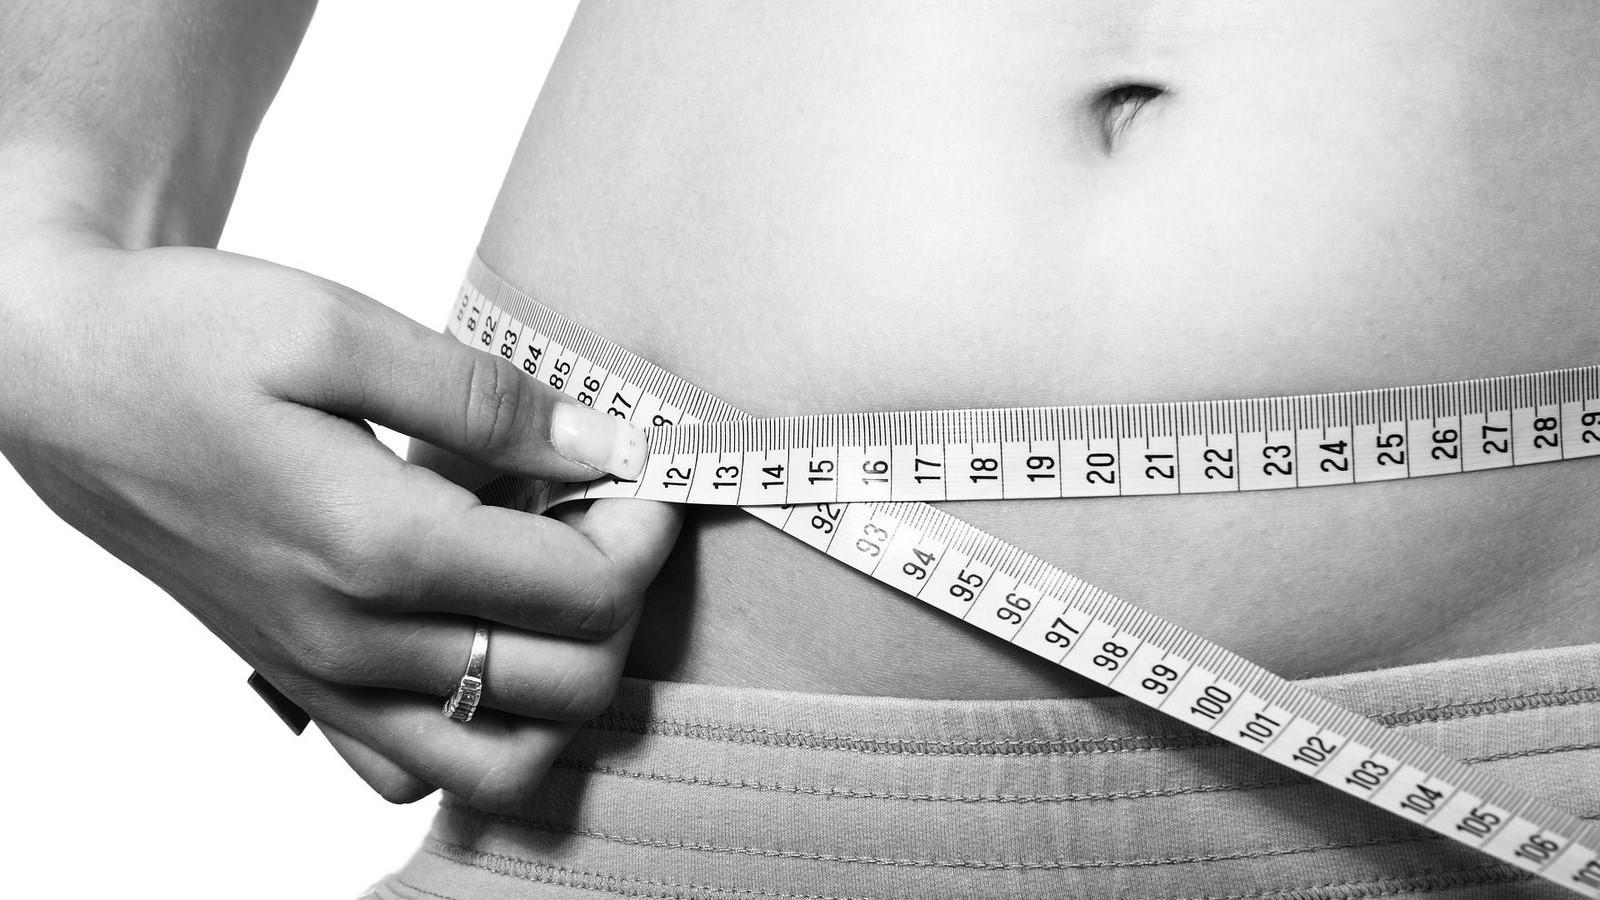 pierdere în greutate mebeverine arzător de grăsime placebo